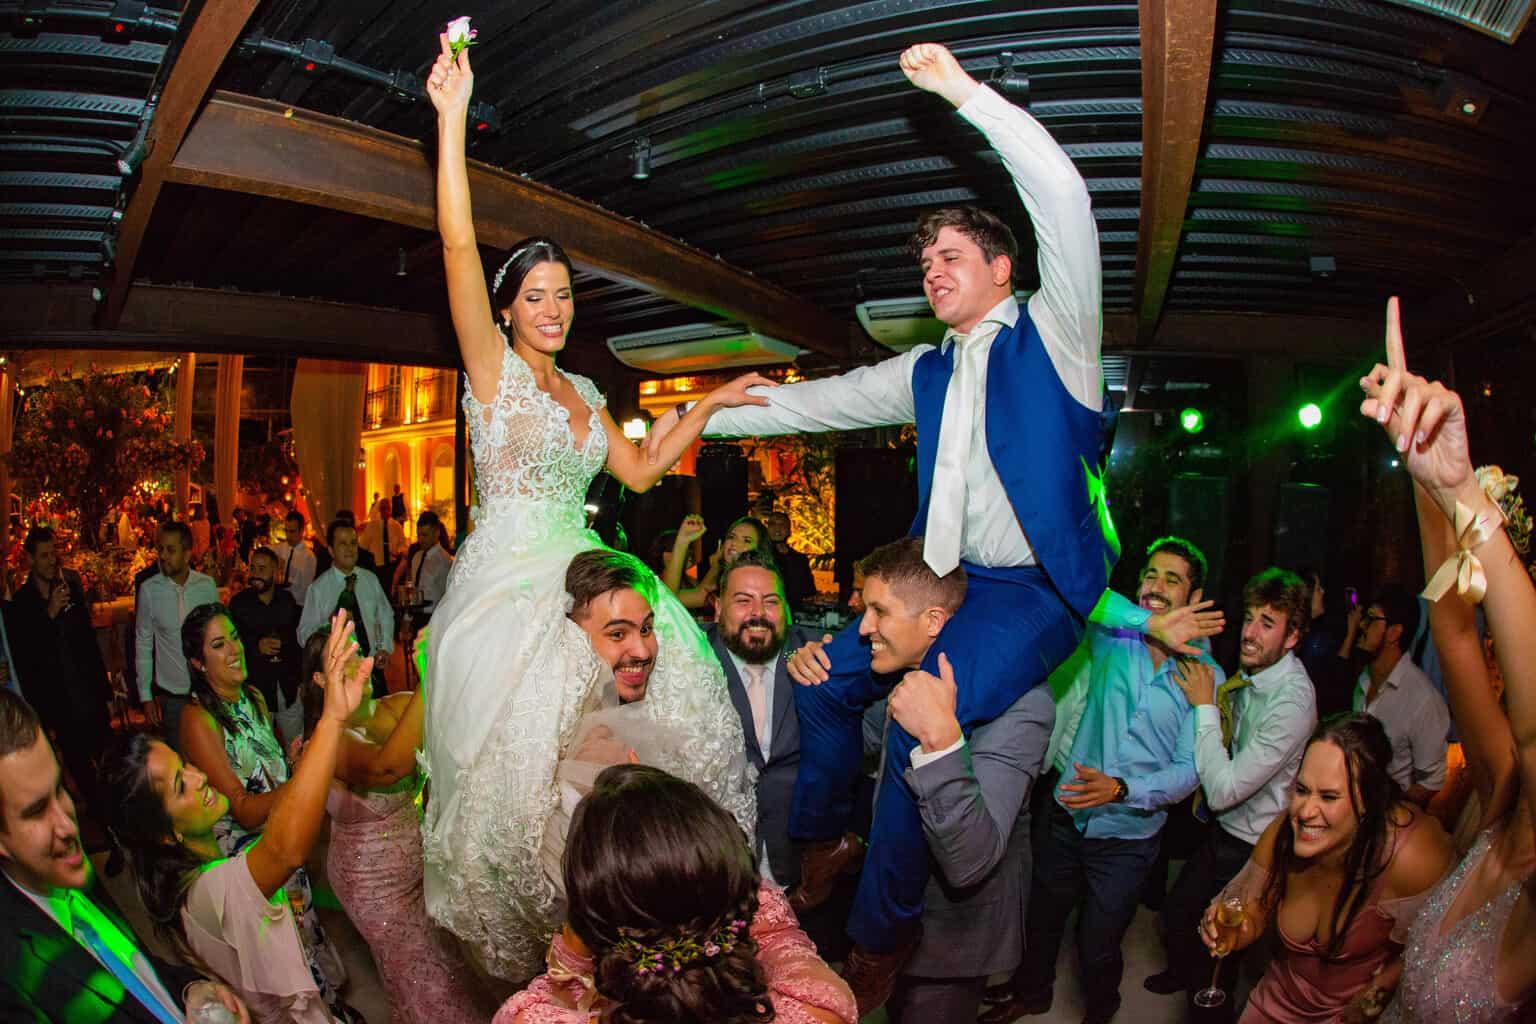 casamento-Beatriz-e-Joao-Fernando-Itaipava-Locanda-Della-Mimosa-pista-Thienny-Tammis238